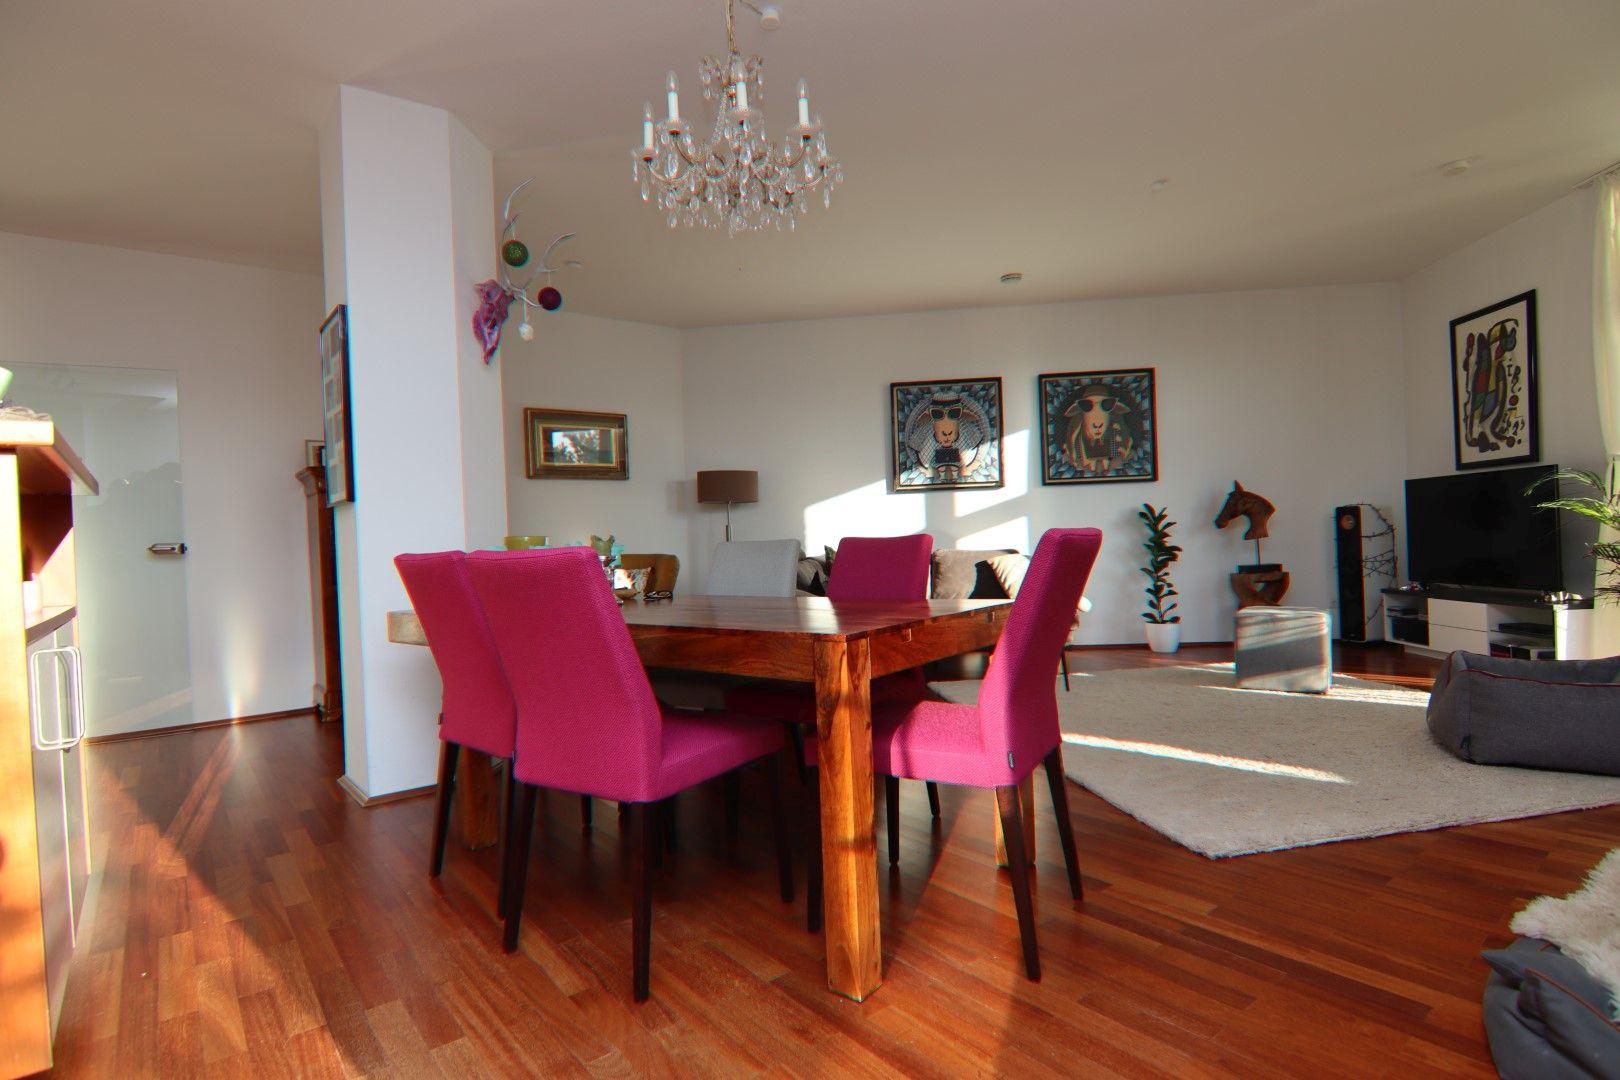 Immobilie Nr.0275 - 4-Raum-Deluxe-Wohnung mit Aufzug, Dachterrasse u. Garage - Bild 6.jpg